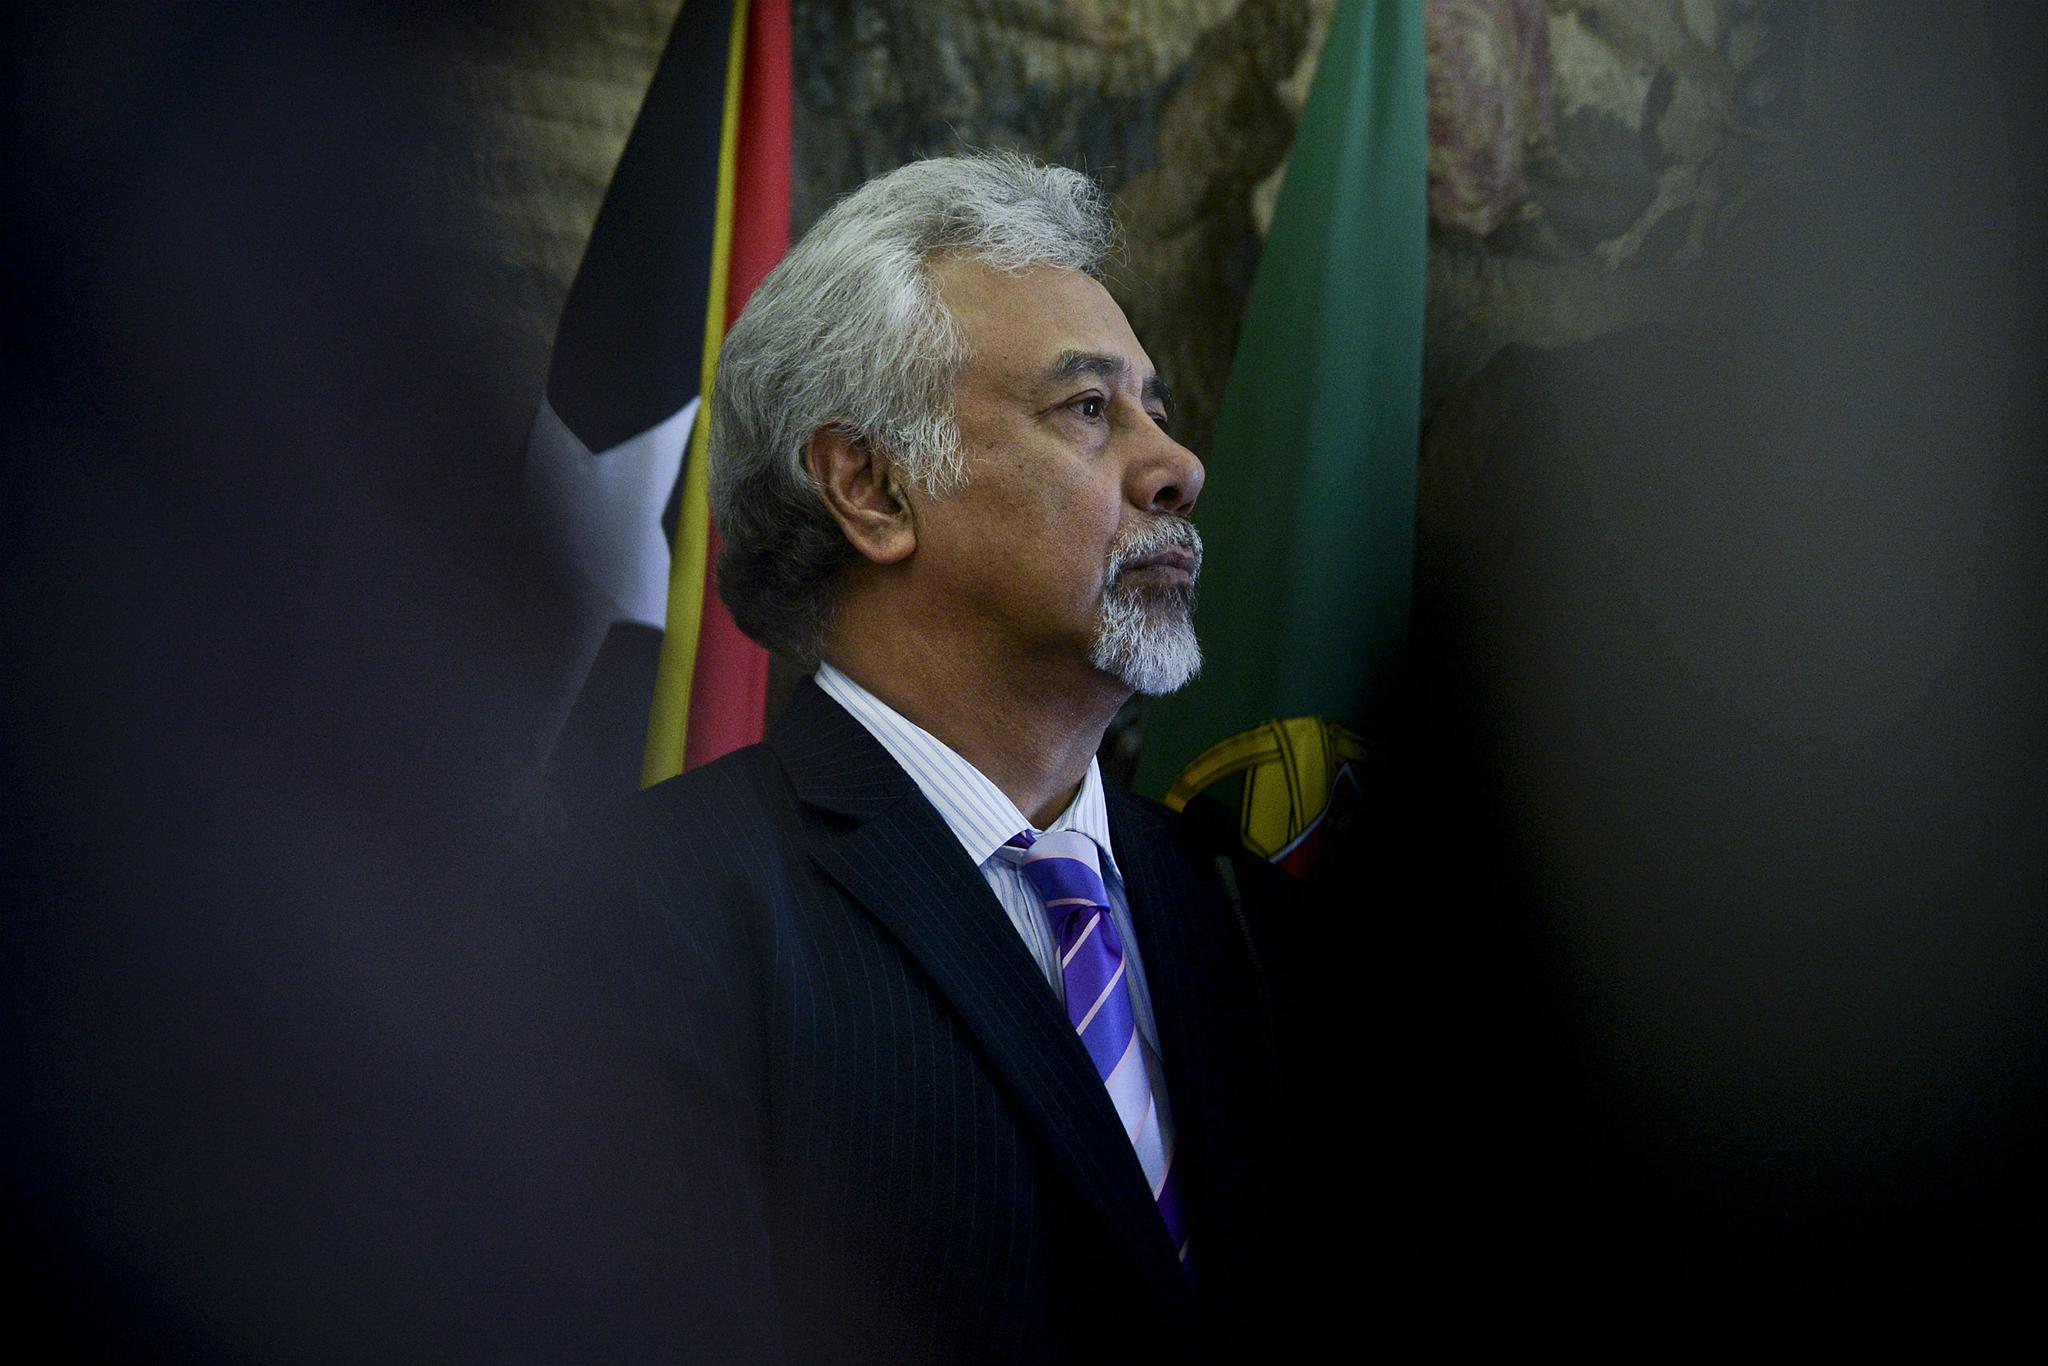 Língua portuguesa teve papel importante na união dos timorenses, defende Xanana Gusmão